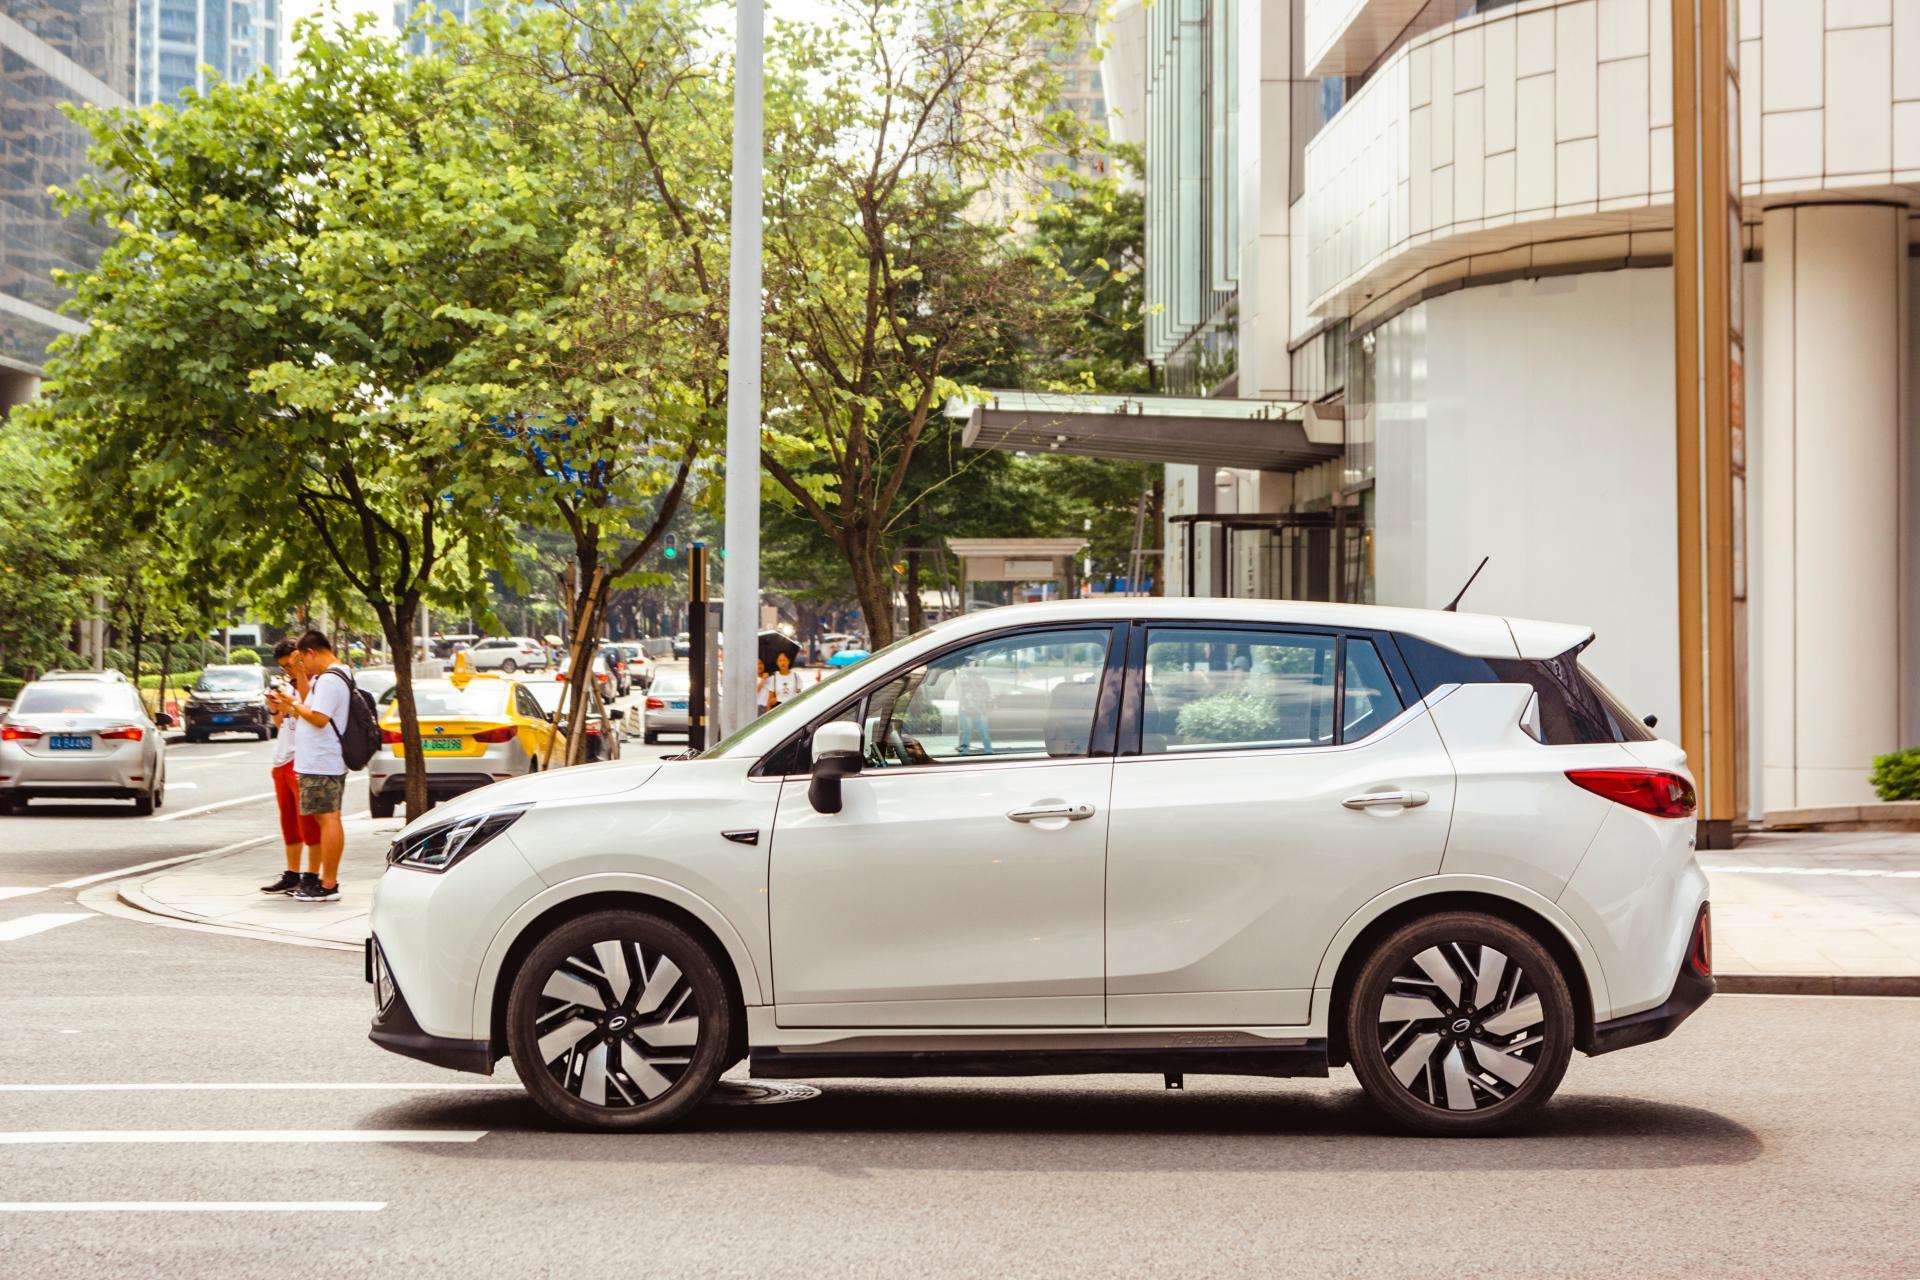 Wie China die Verbreitung von New Energy Vehicles beschleunigen will